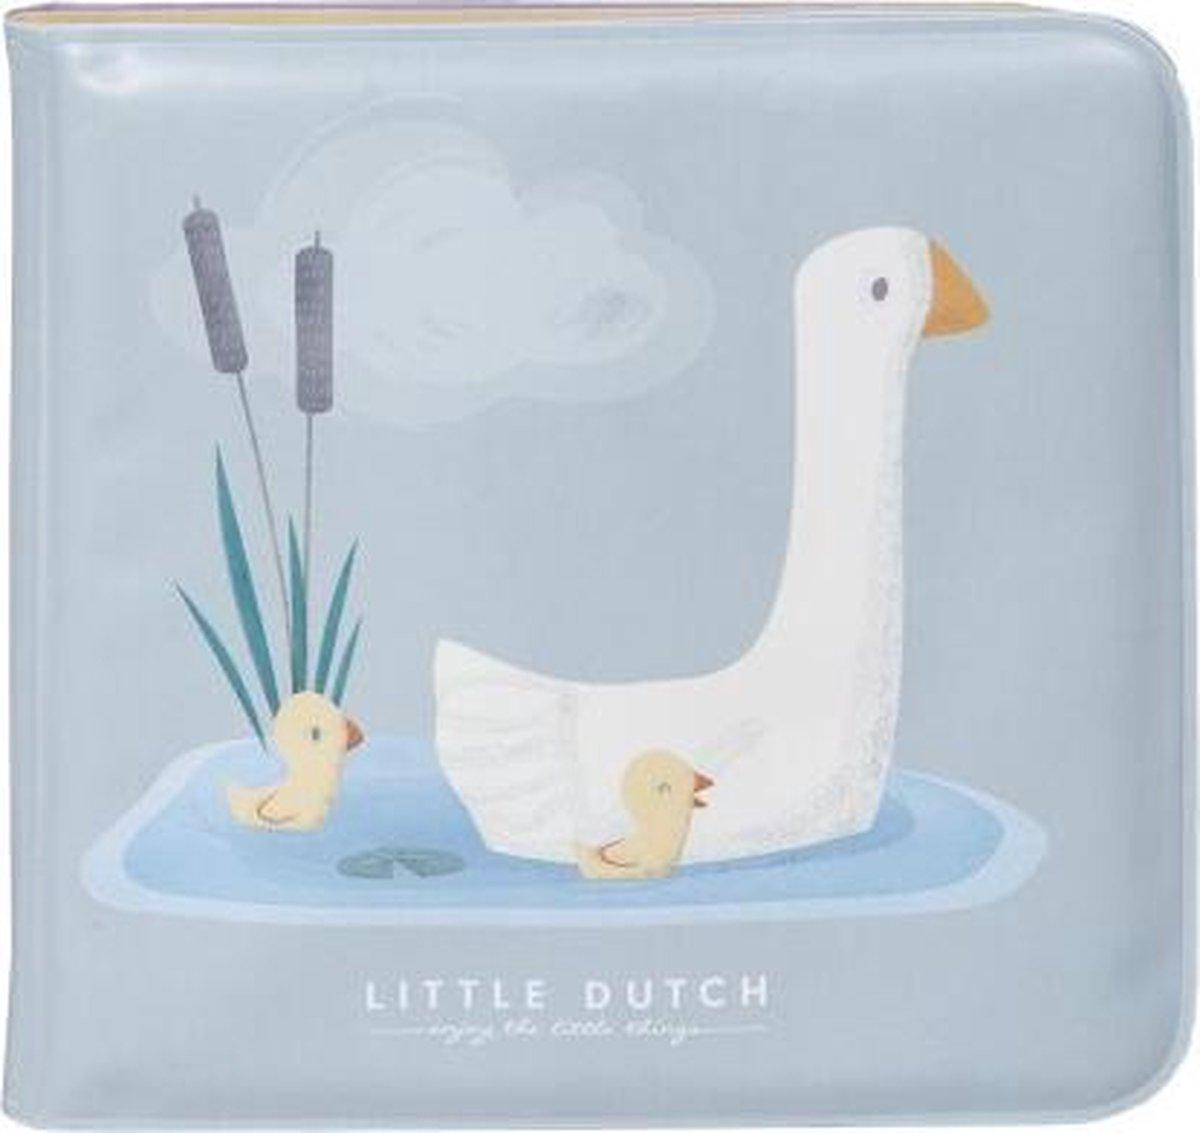 Little Dutch - Badboekje - Gans